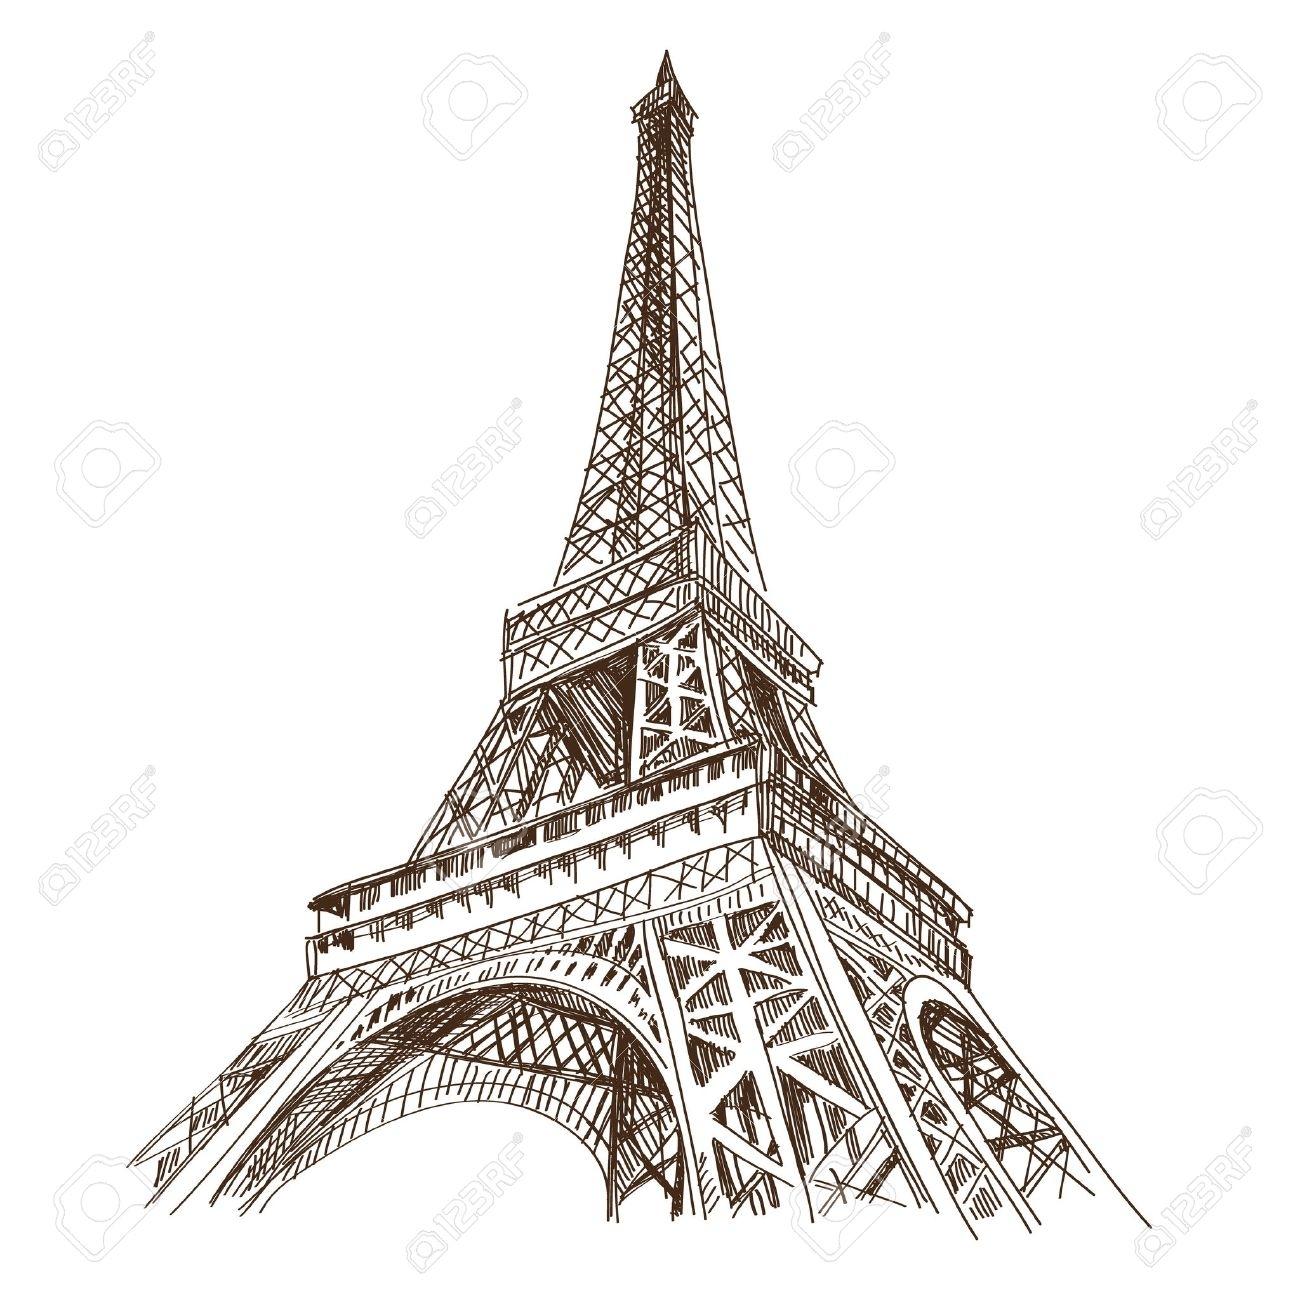 Tour Eiffel Banque D'images, Vecteurs Et Illustrations Libres De destinés à Dessin Tour Eiffel